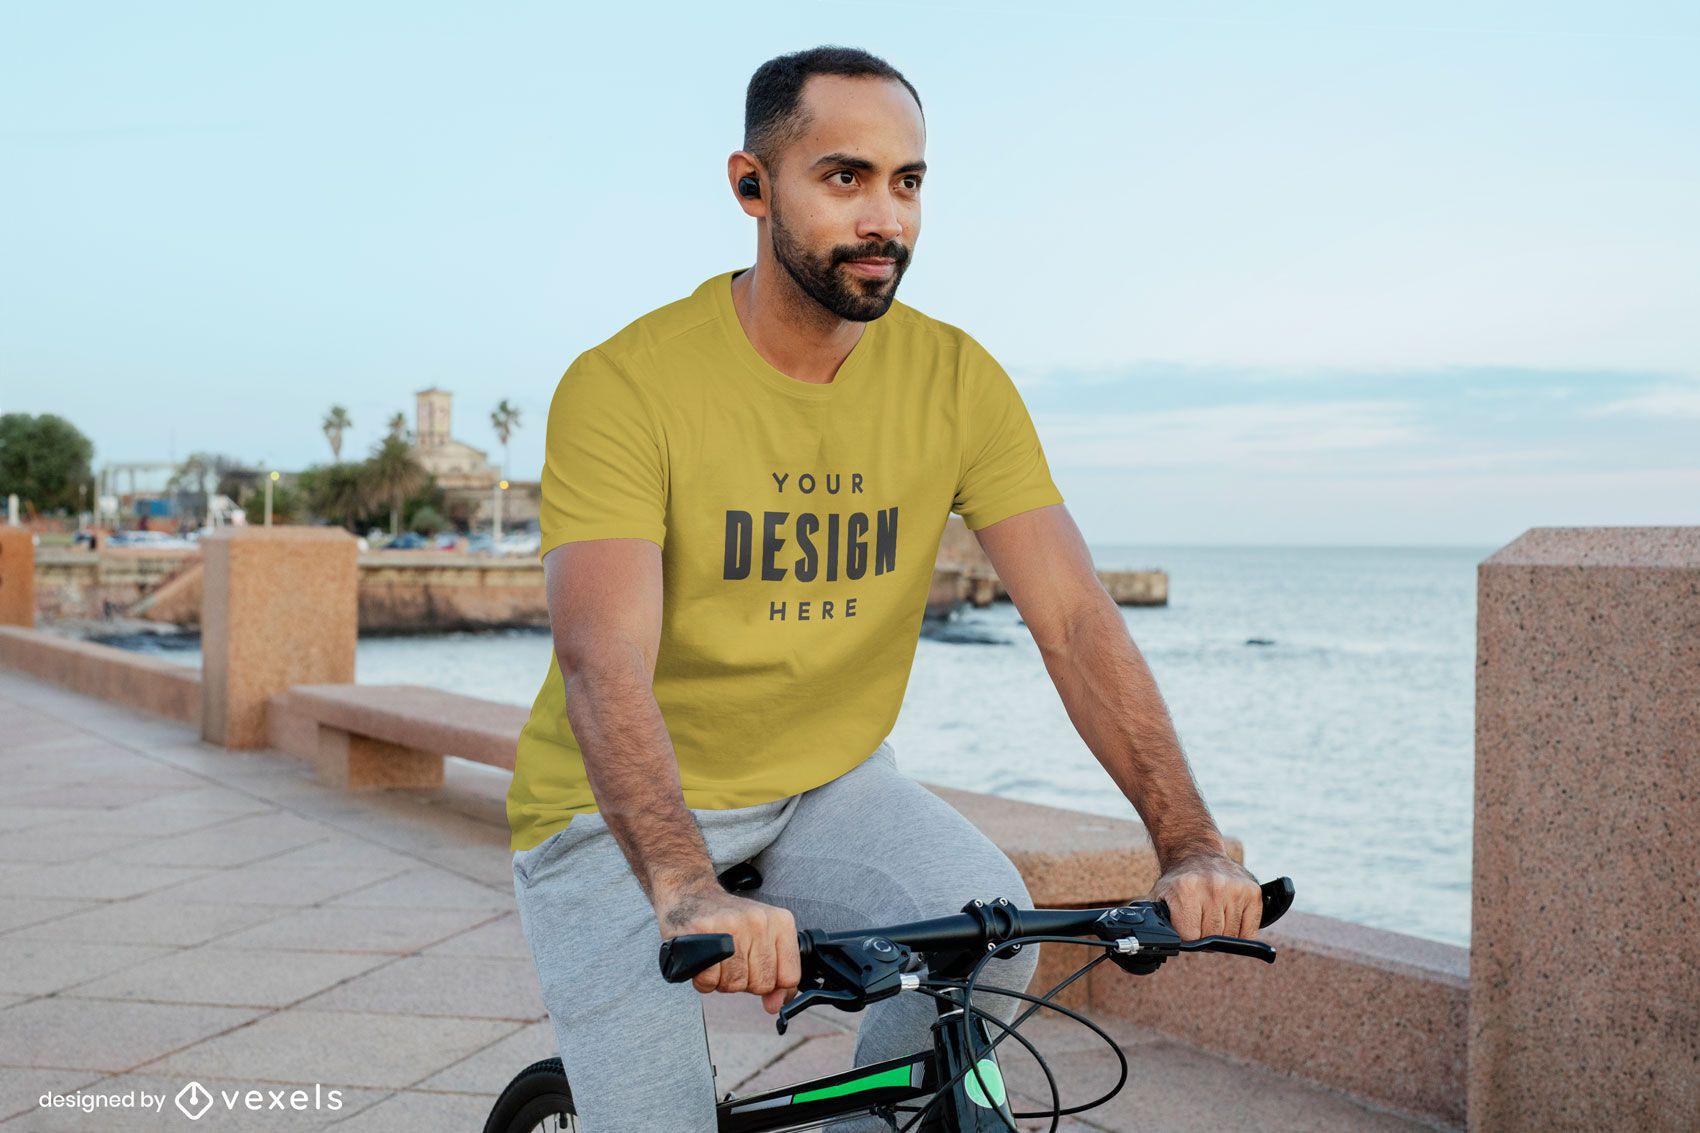 Modell auf Fahrrad-T-Shirt-Modell